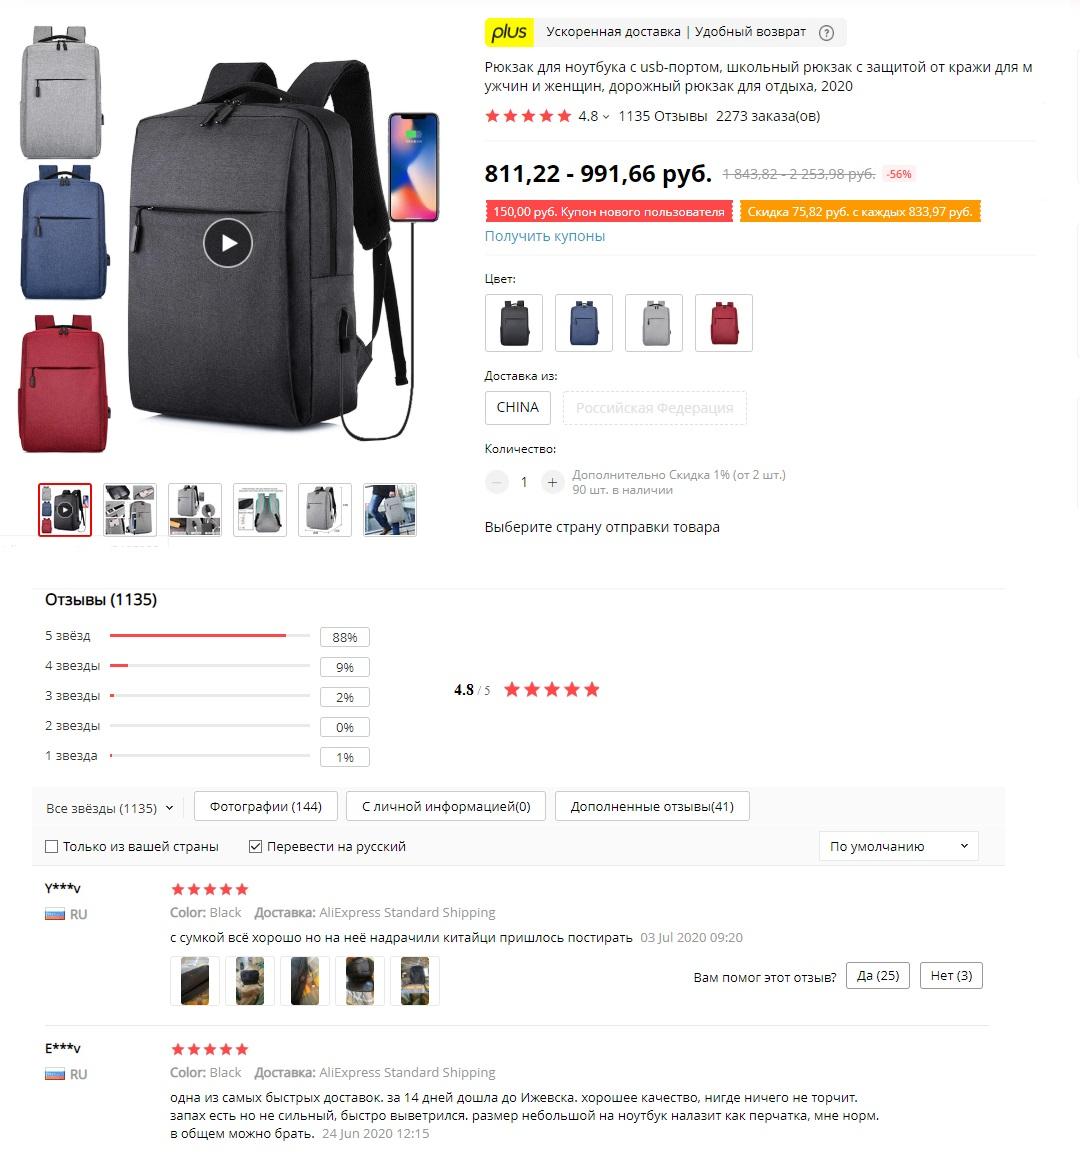 Рюкзак для ноутбука с usb-портом